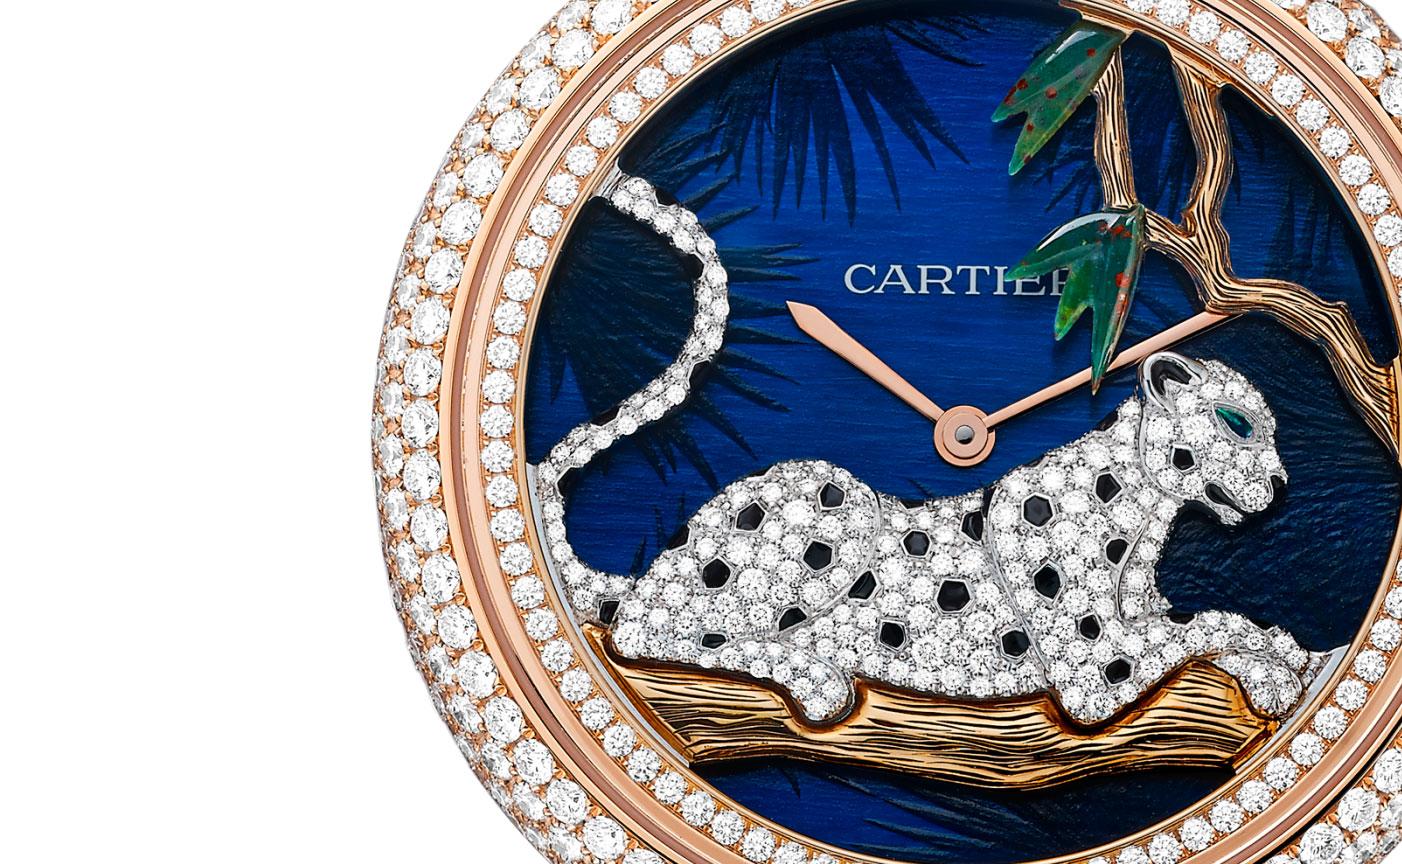 Cartier-Panthere-au-Clair-de-Lune-de-Cartier-watch-1